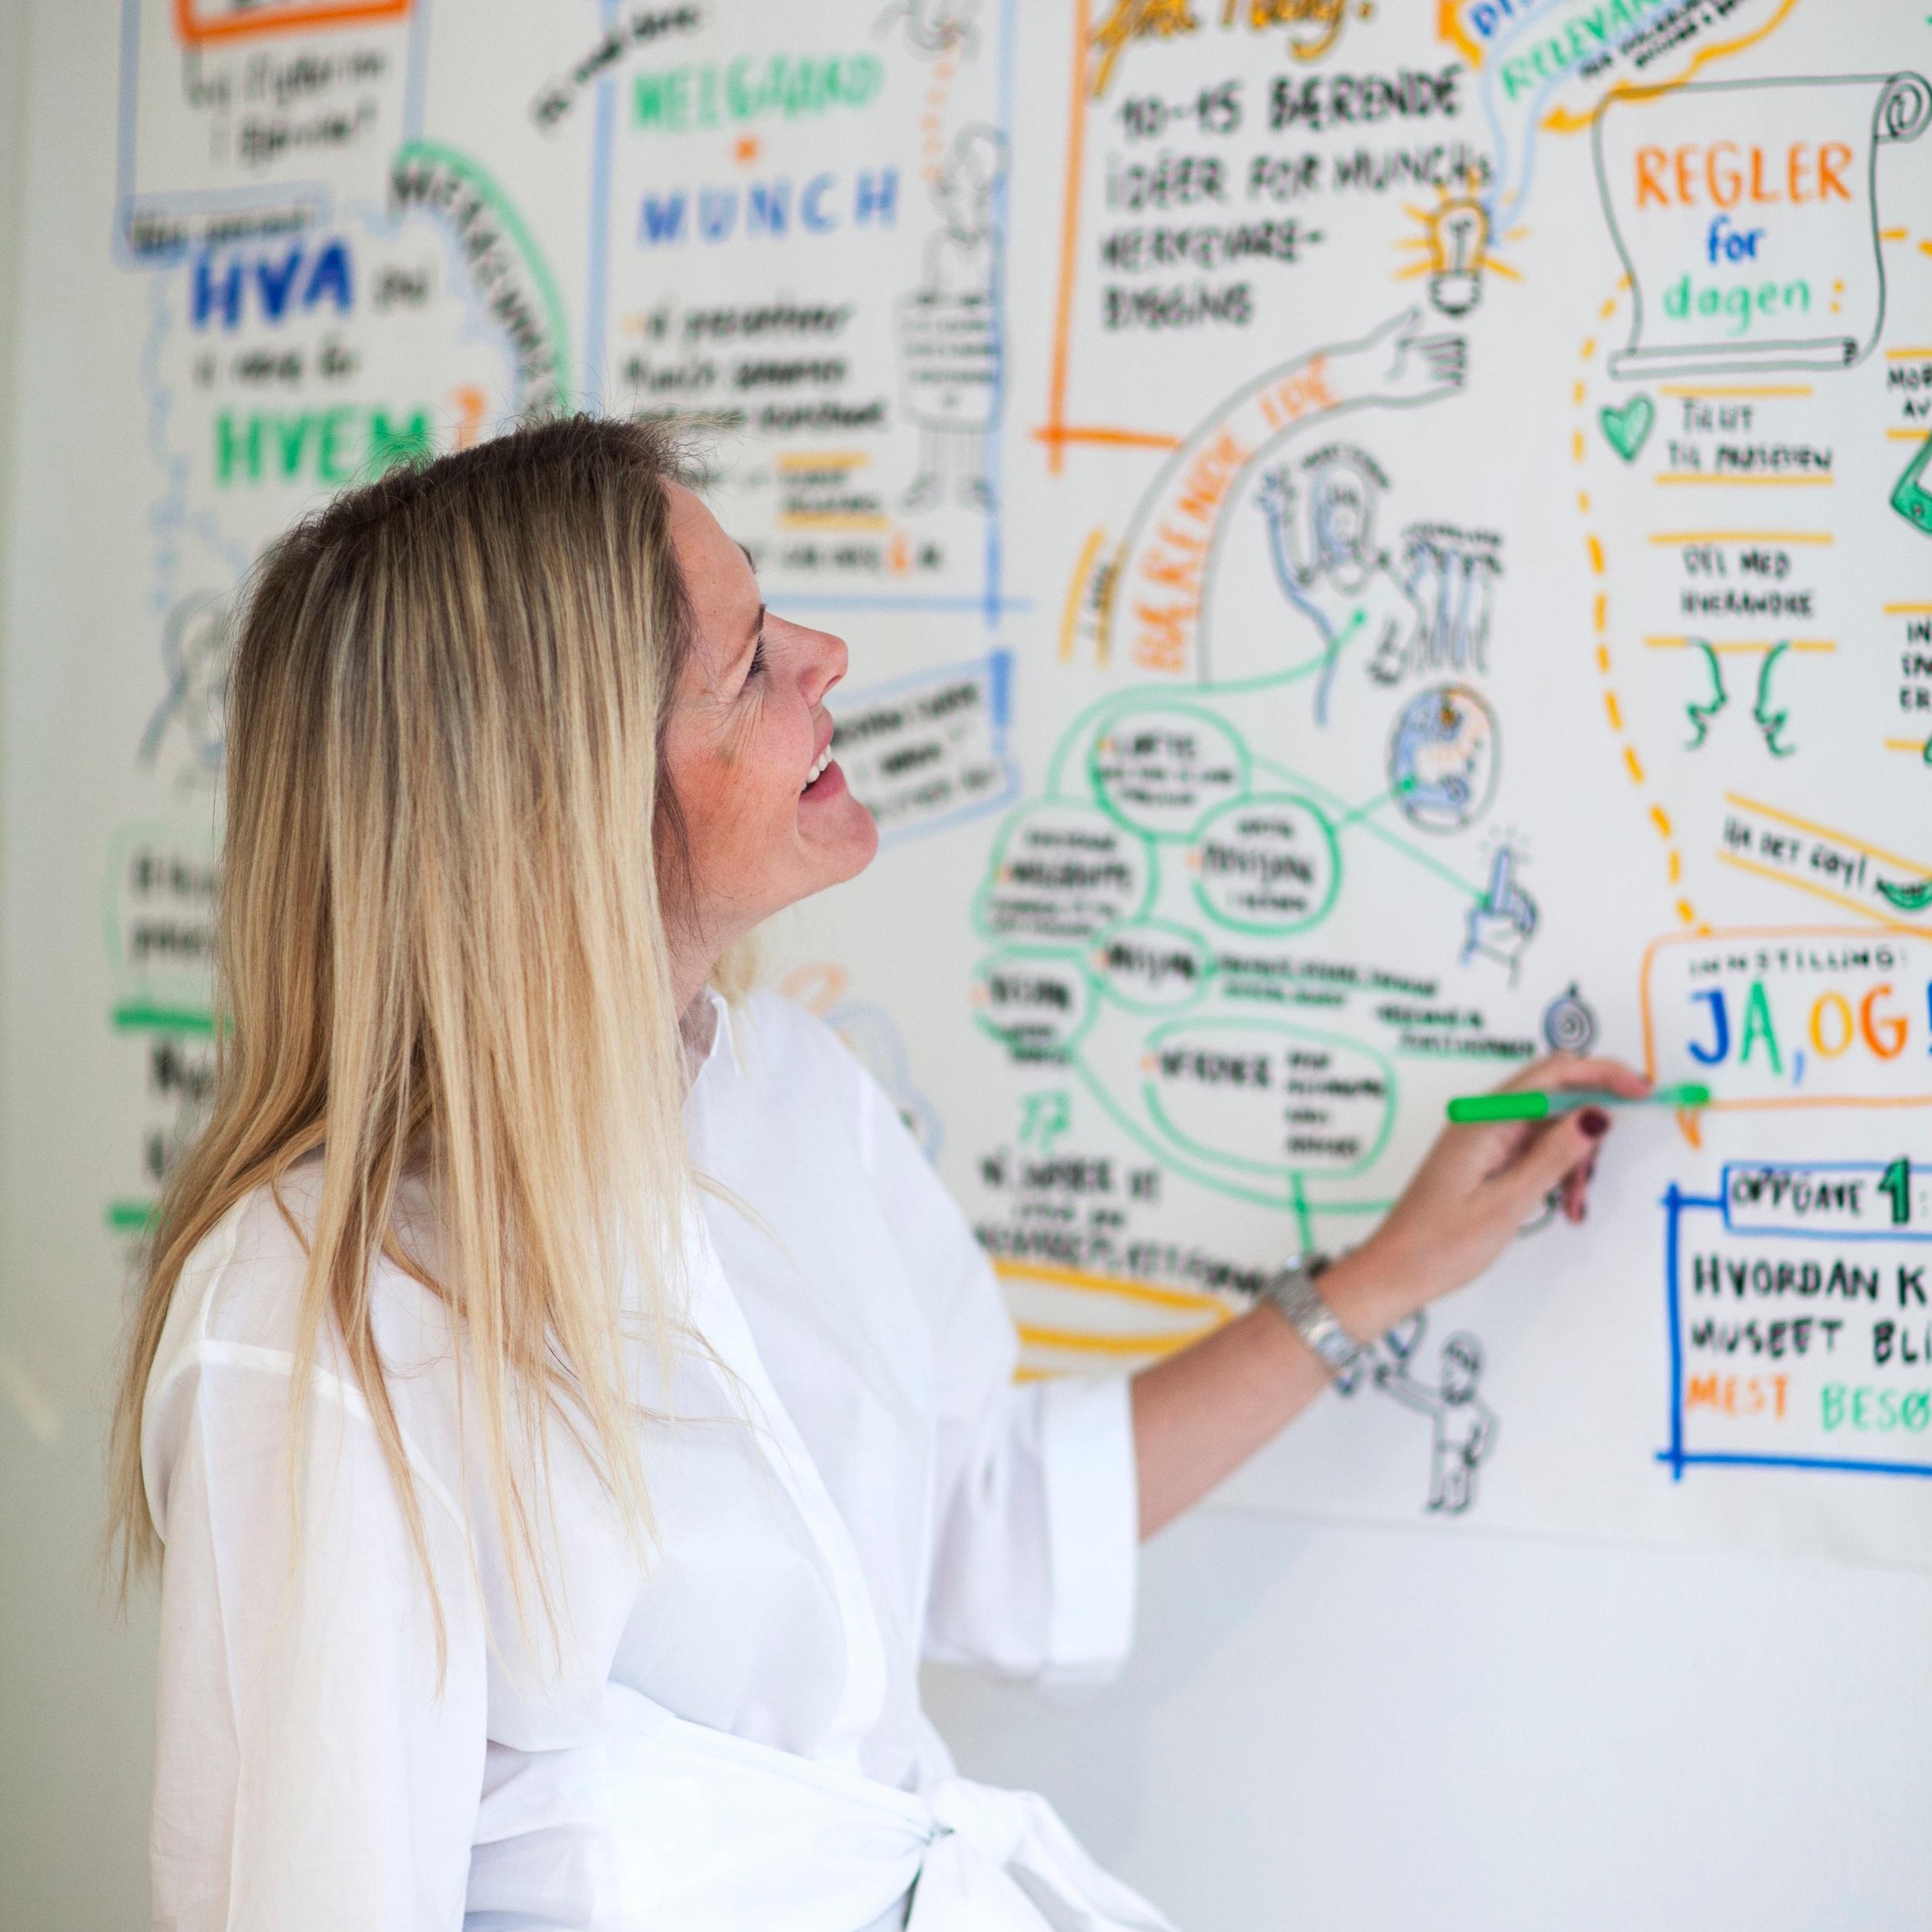 Prosess- og prosjektledelse - Kunsten å skape nye og effektive forretningsområder, samt få mest mulig ut av det man allerede har krever tøffe valg. For å gjøre slike endringer smidige, er det nødvendig å jobbe systematisk med prosjekt- og prosessledelse.